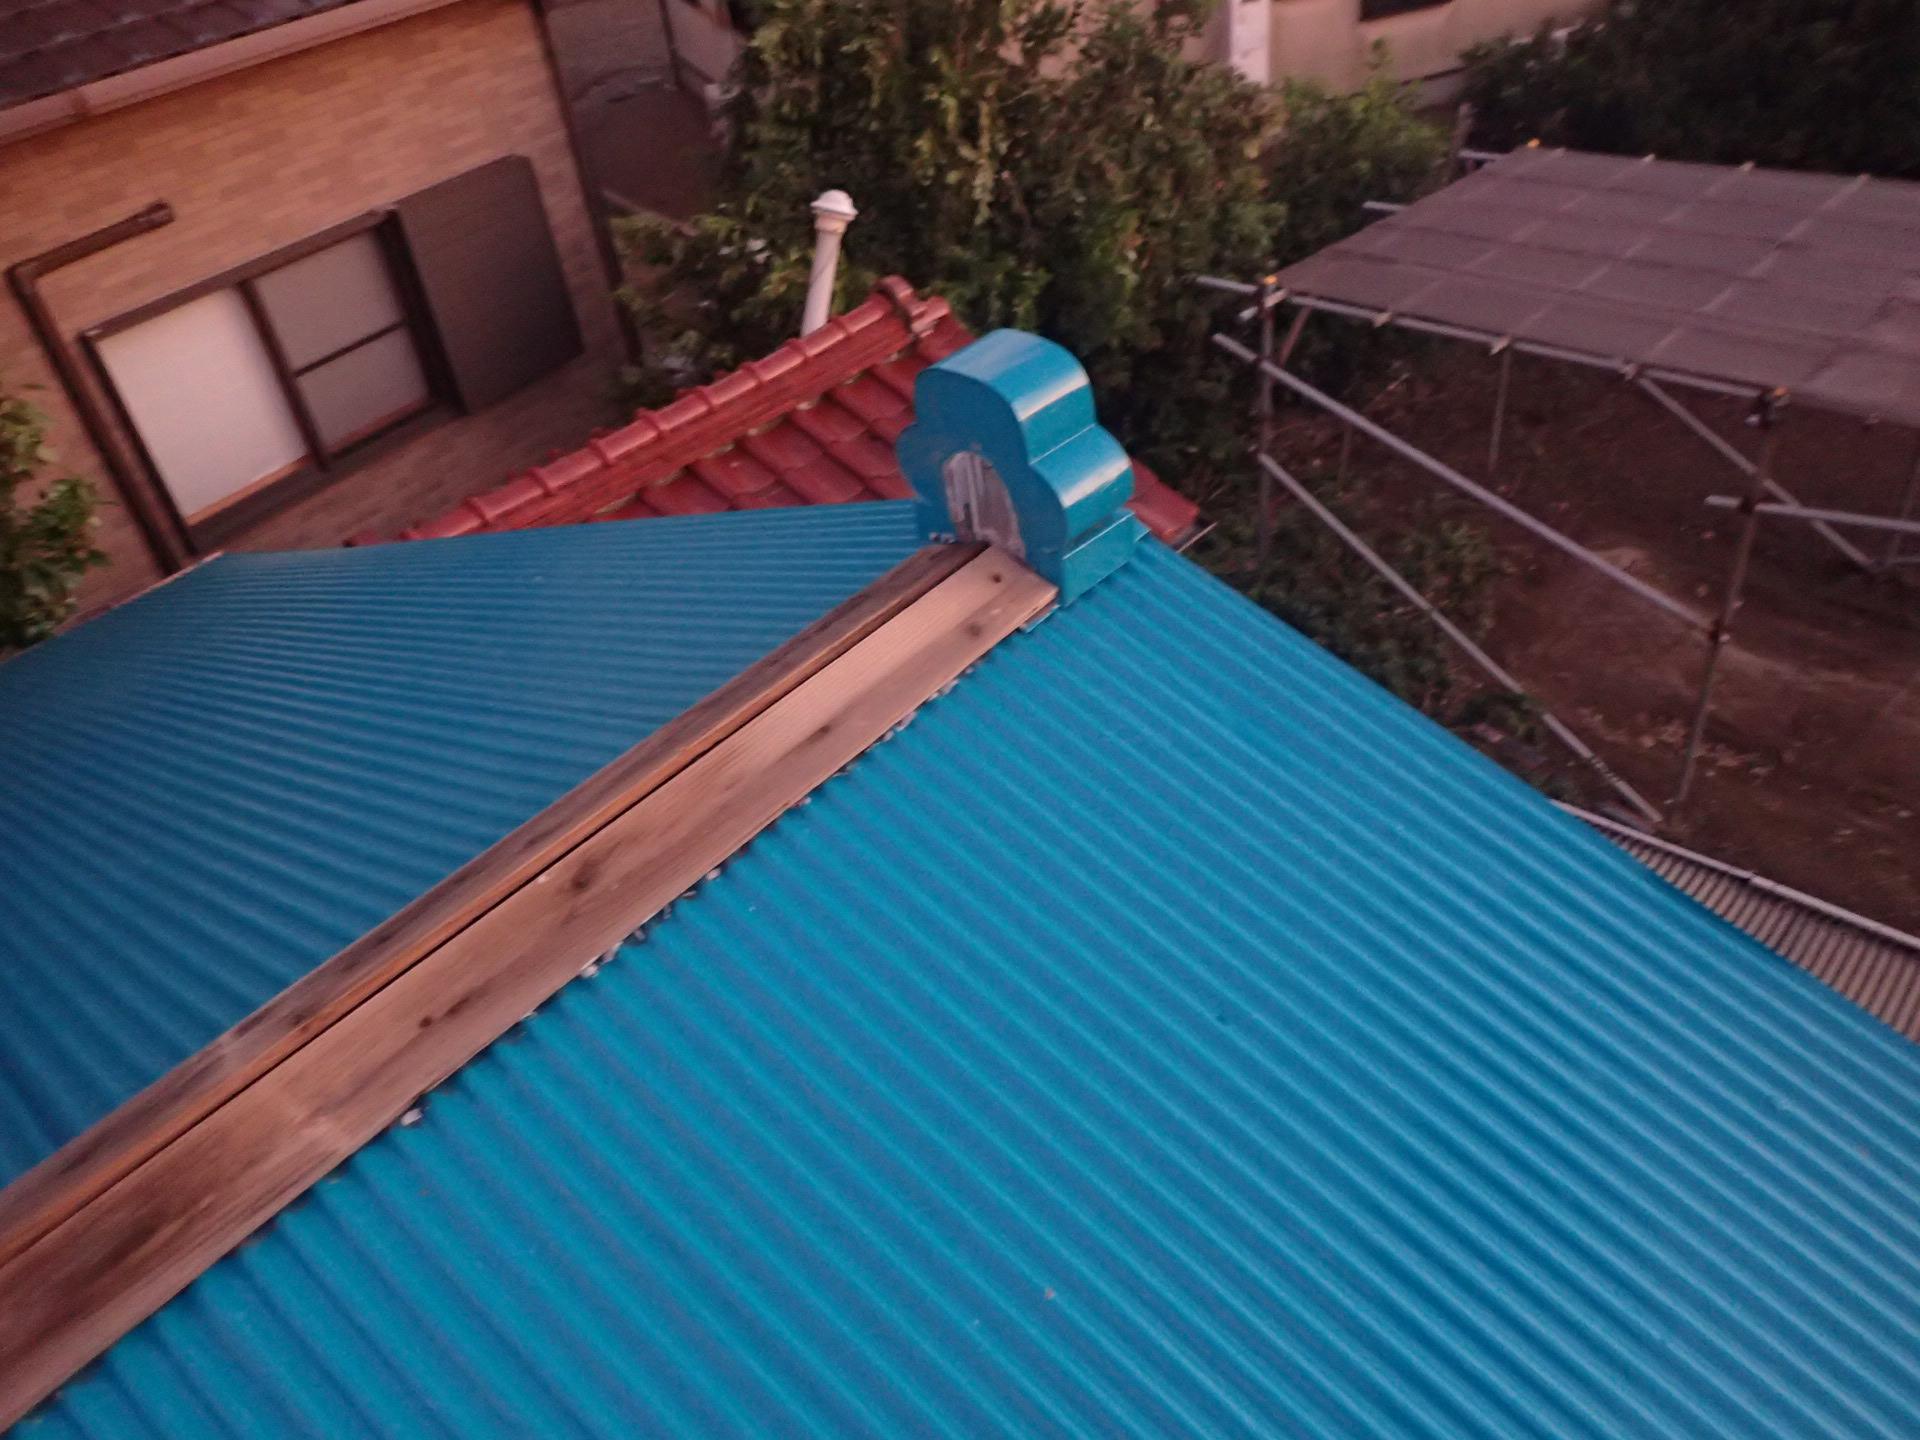 逗子市桜山にて剥がれてしまった金属製波板屋根の棟板金交換工事